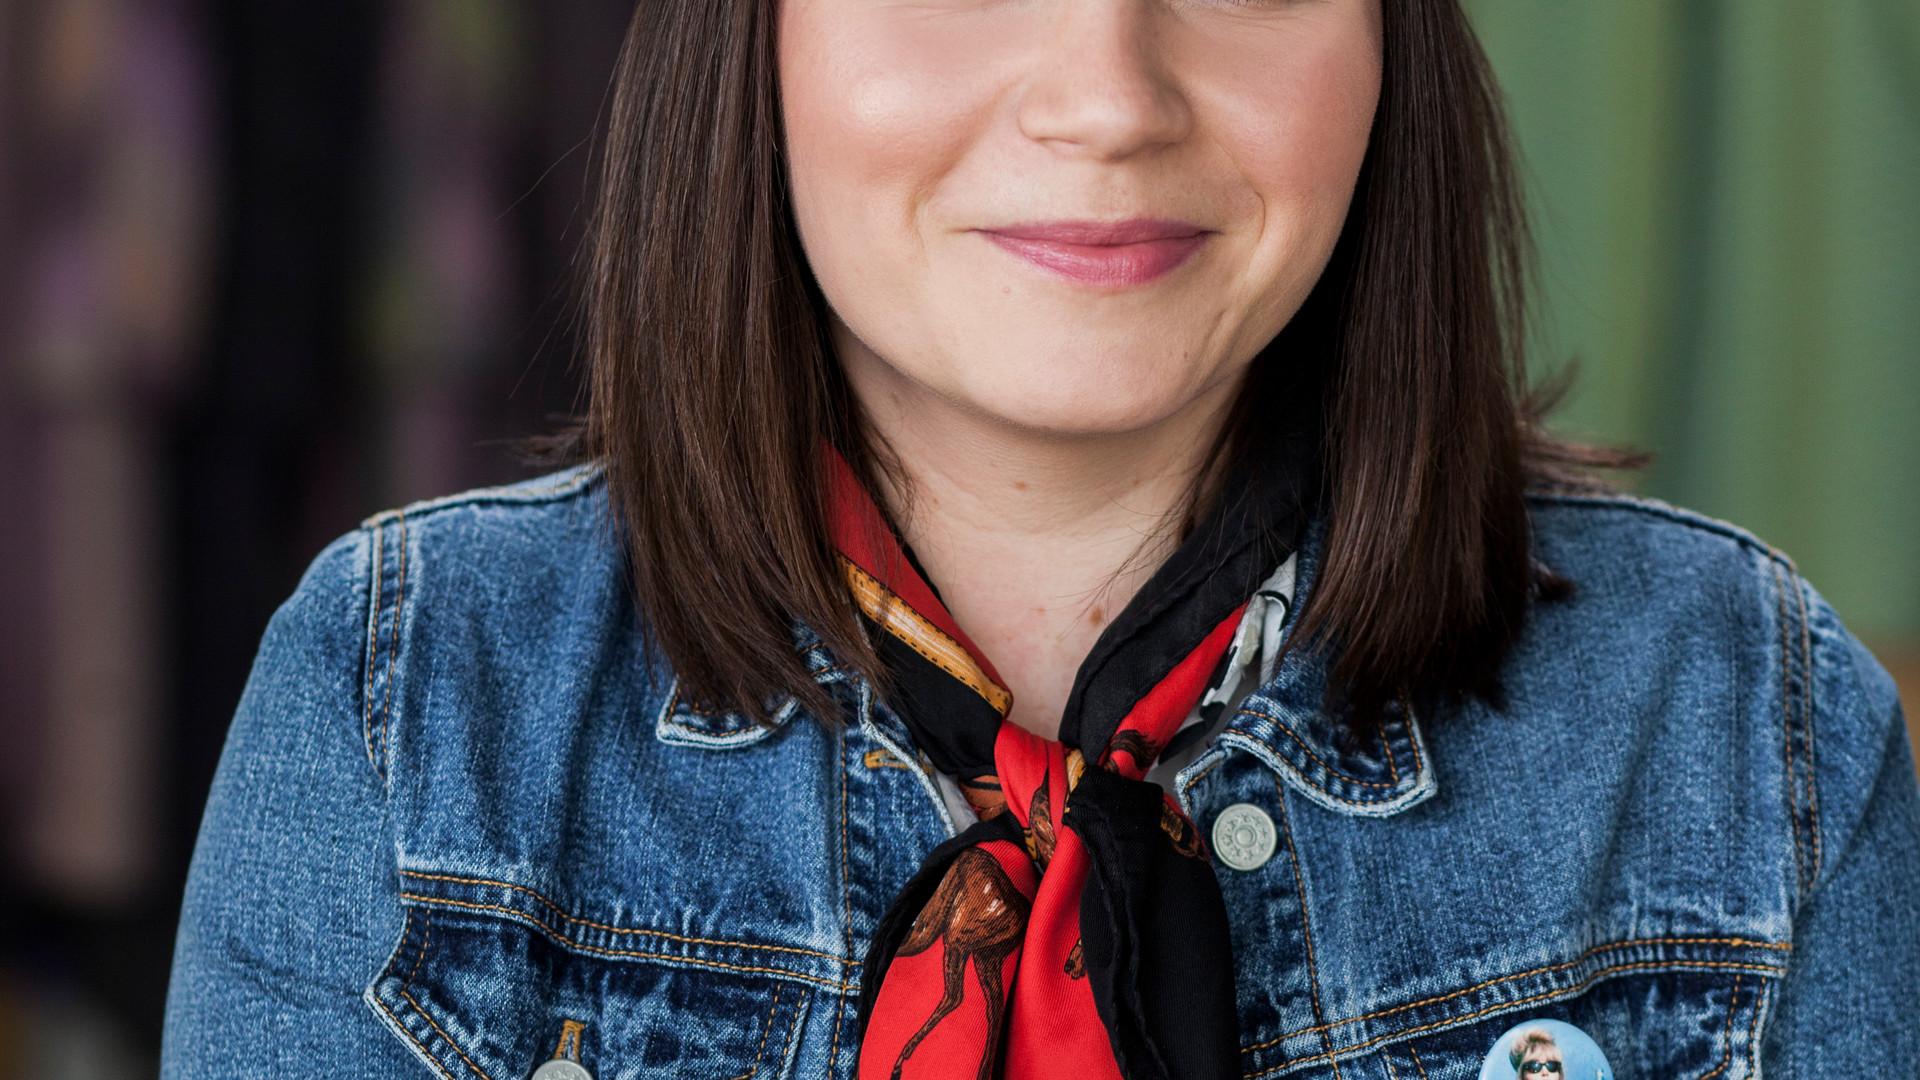 Helena Randlaht